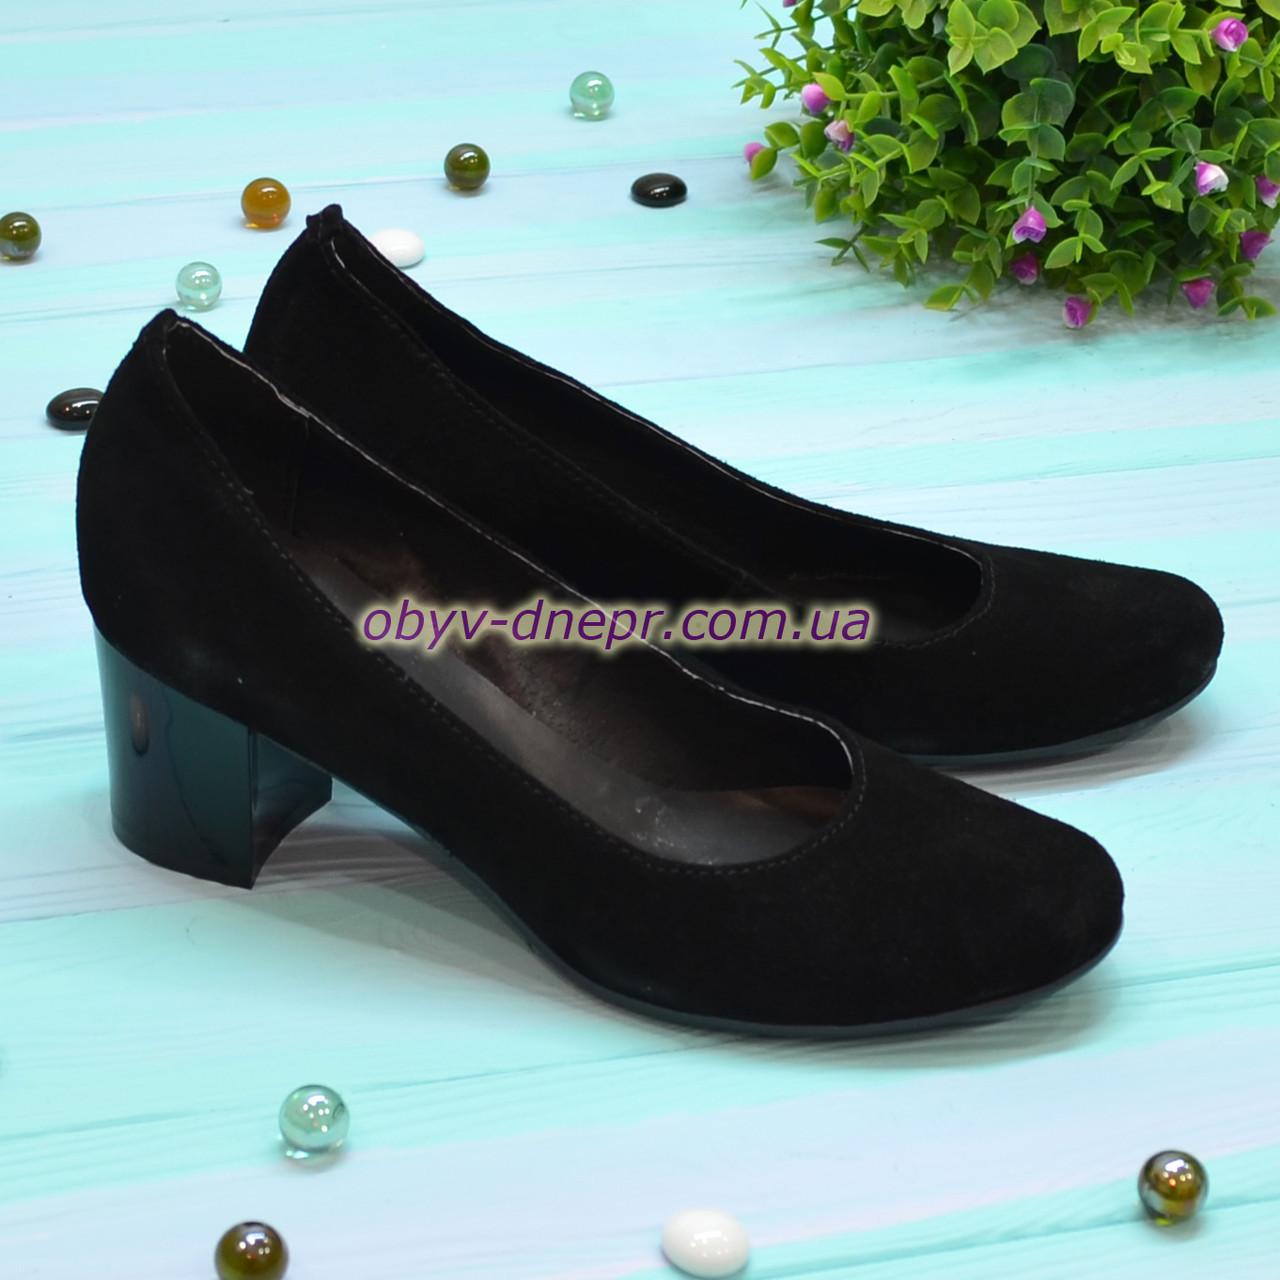 Женские туфли на невысоком устойчивом каблуке, из натуральной замши черного цвета